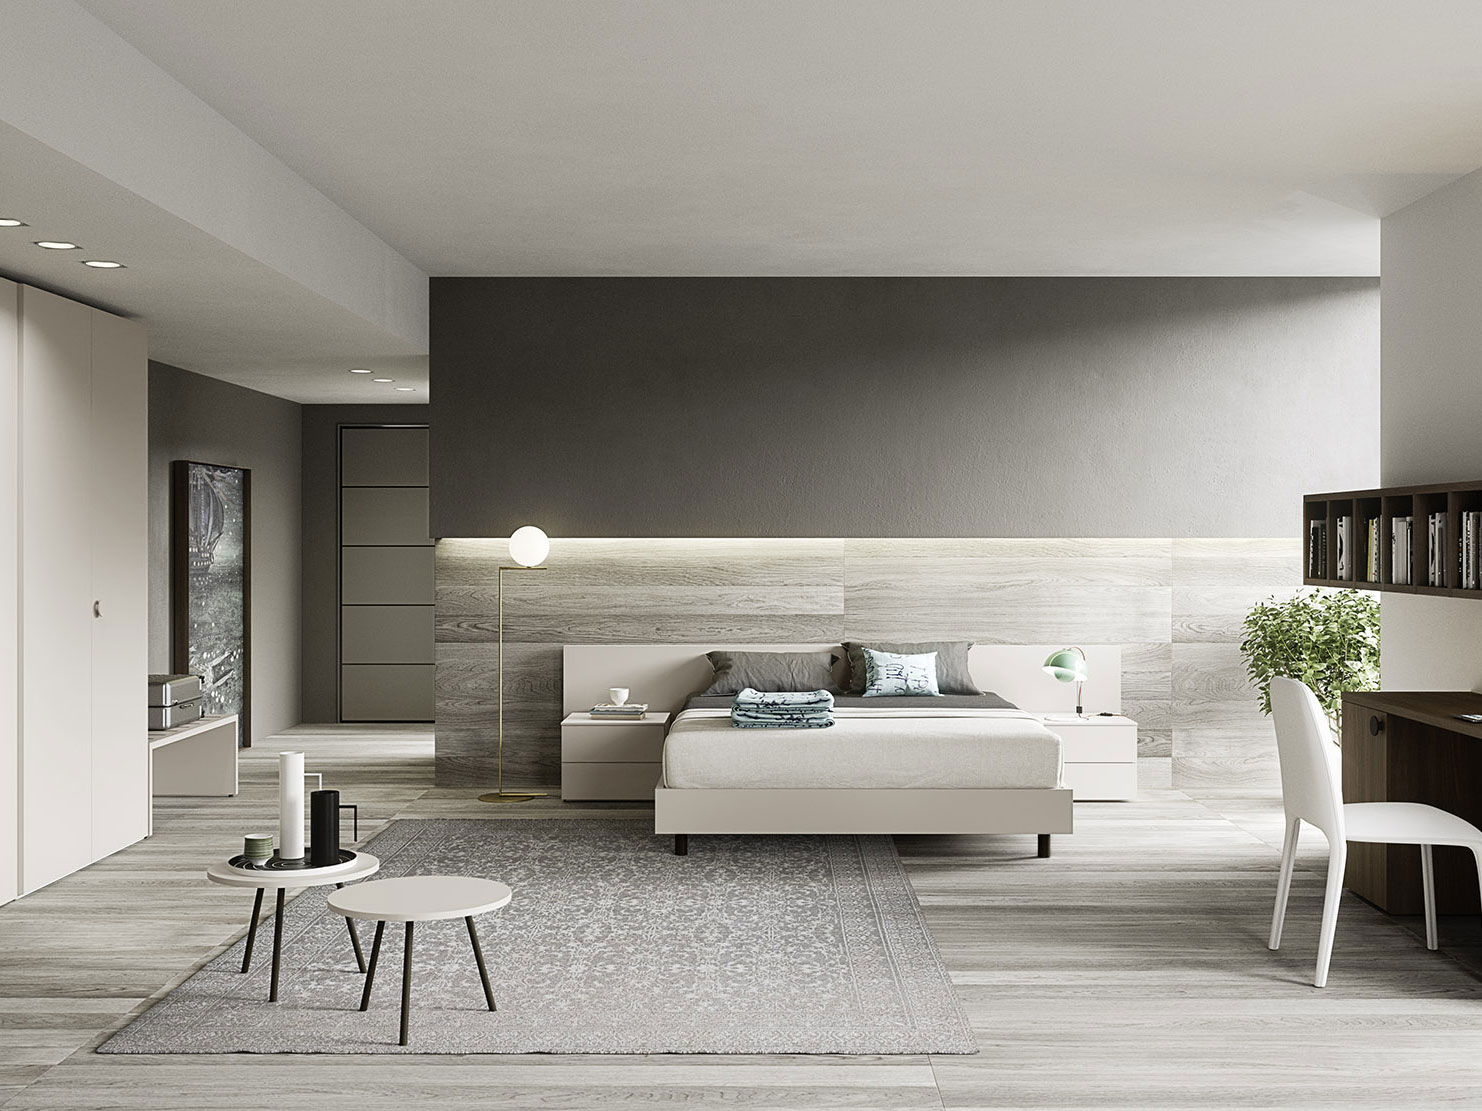 Arredamento e mobili per attivit commerciali for Grandi magazzini arredamento